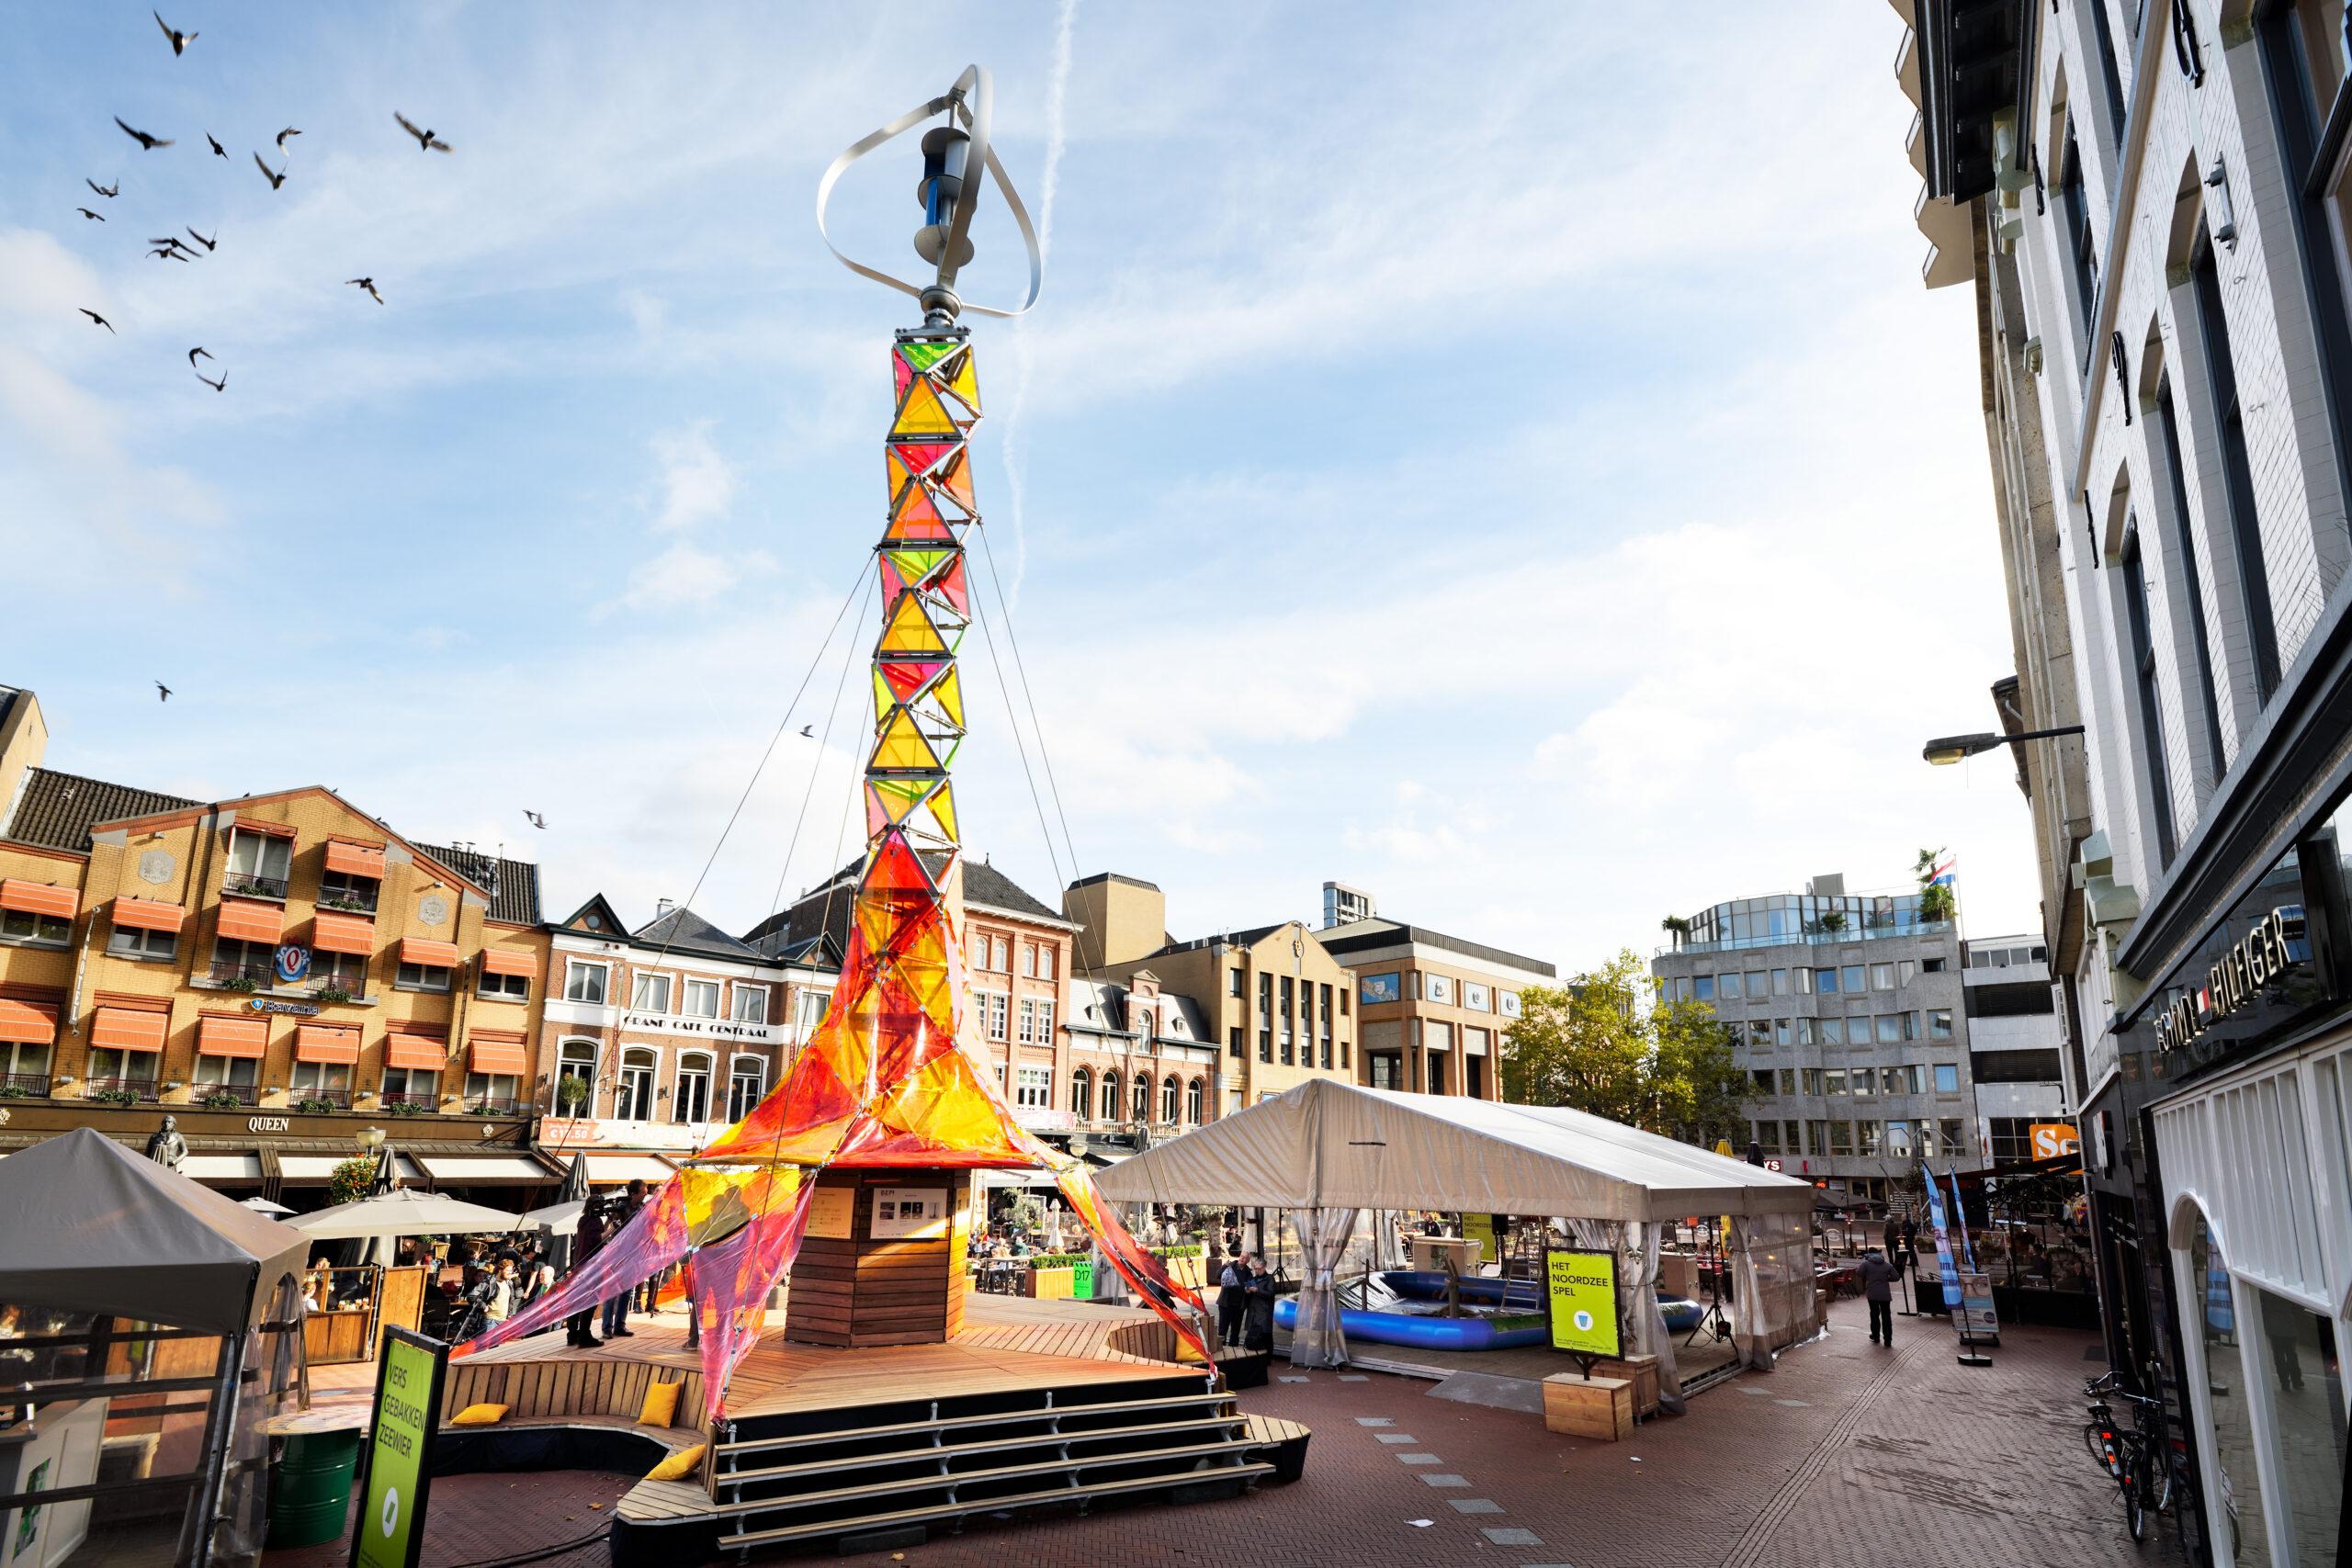 Paleis Soestdijk tot eind augustus testlocatie voor GEM-Tower